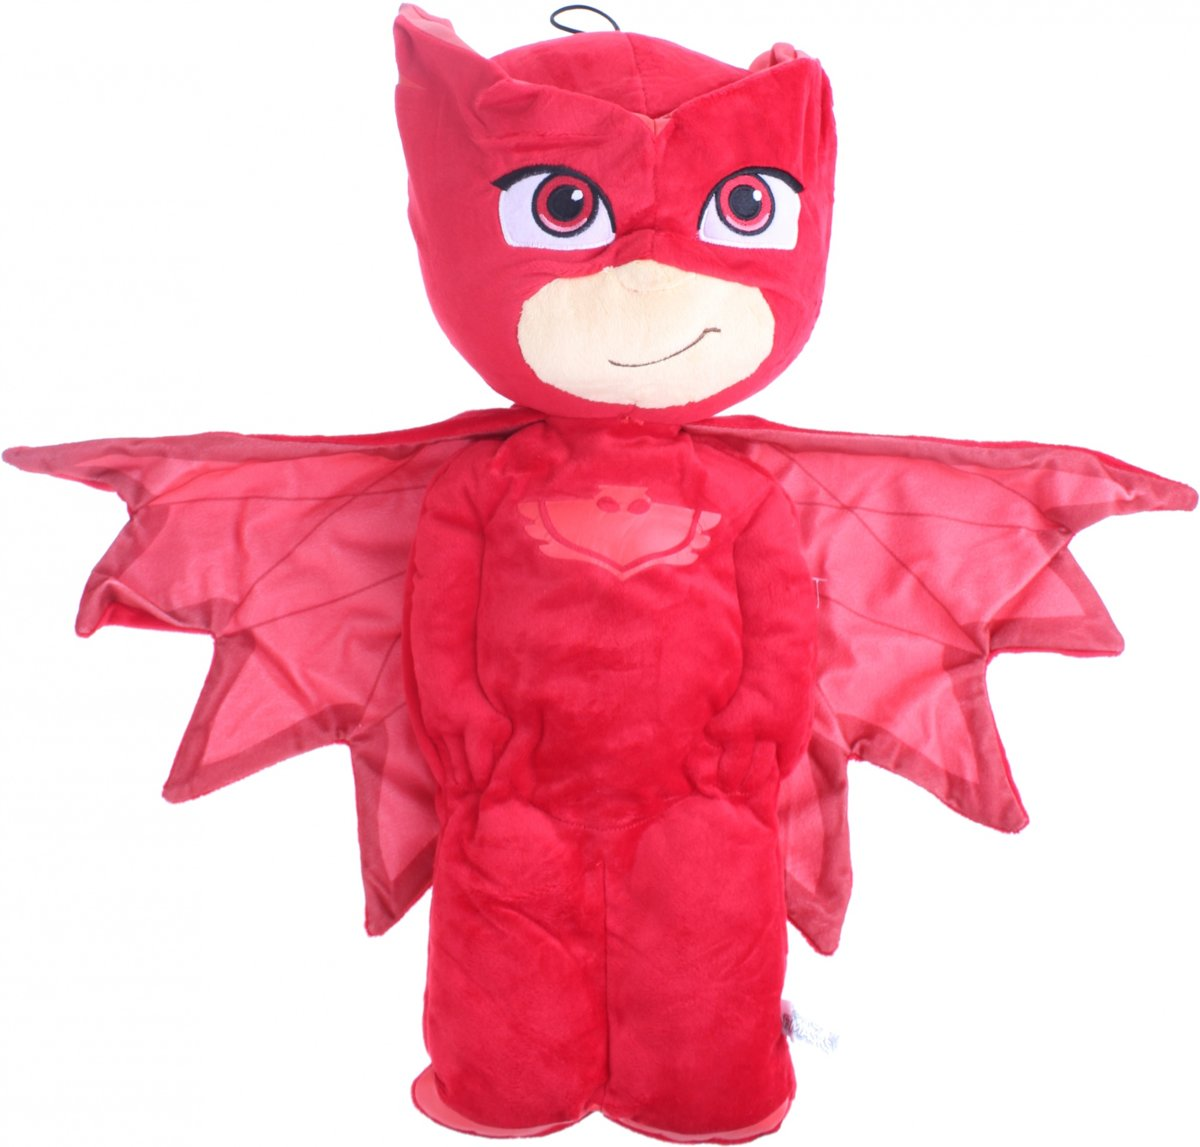 Disney pyjama handtas PJ Masks Owlette 1,8 liter rood